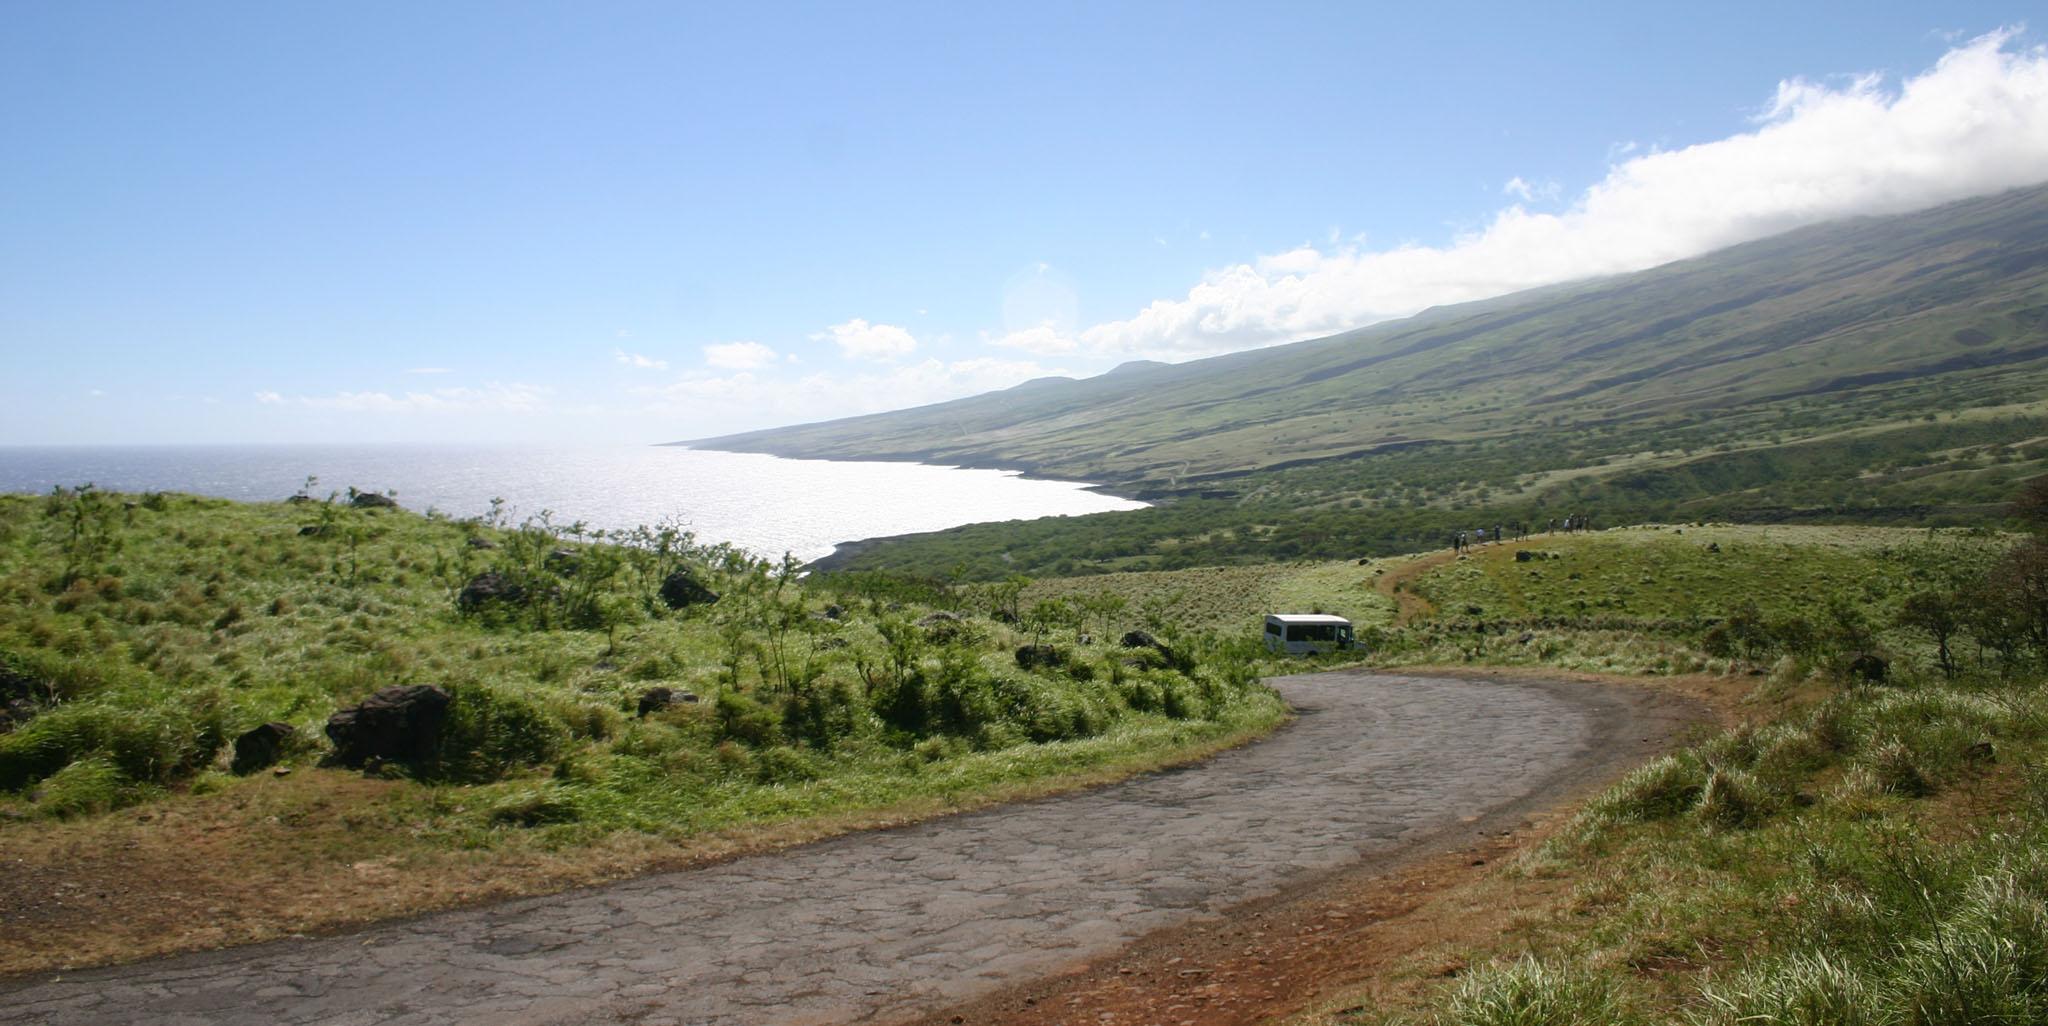 Maui Rental Car Can Go To Haleakala